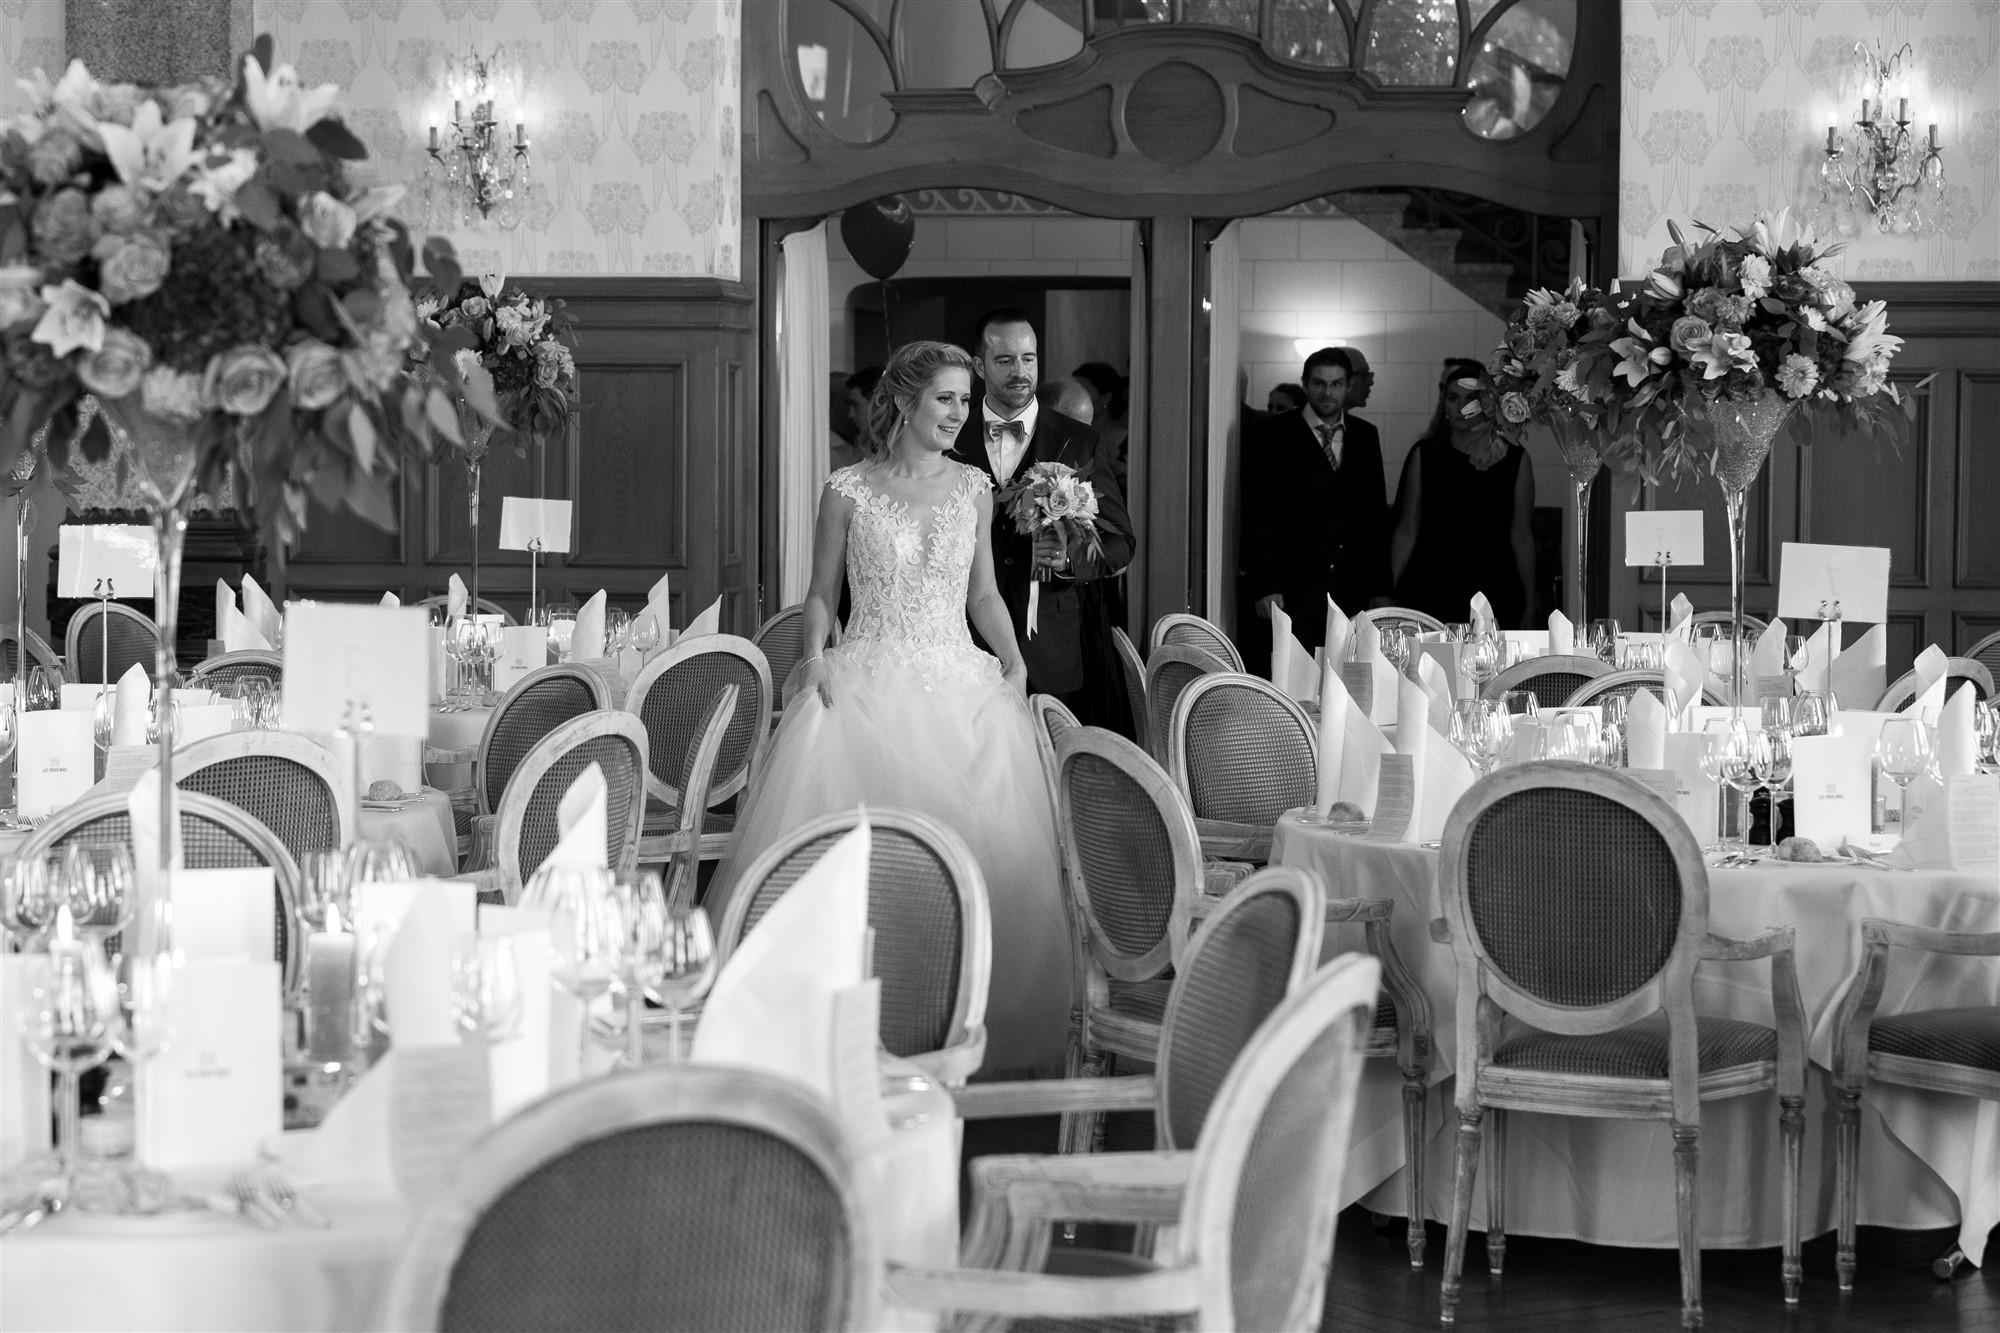 Das Hochzeitsfest im Grand Hotel Les Trois Rois - Location - Das Brautpaar kommt in den Saal - Hochzeitsfotograf Basel